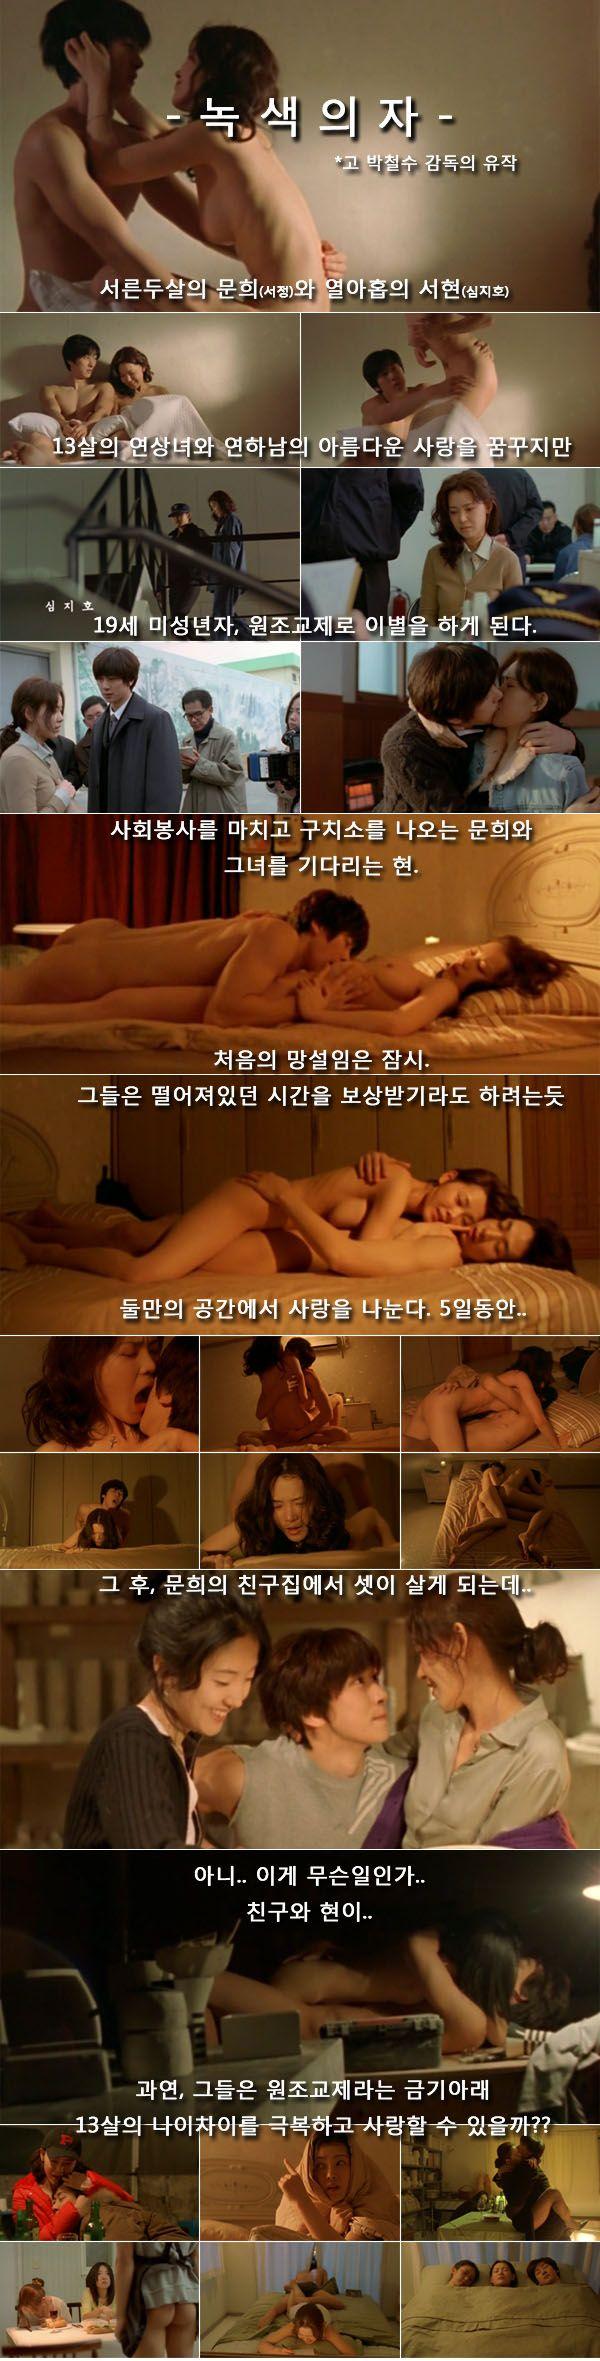 [영화] 녹색의자 _ 서정 심지호 베드신 화제작